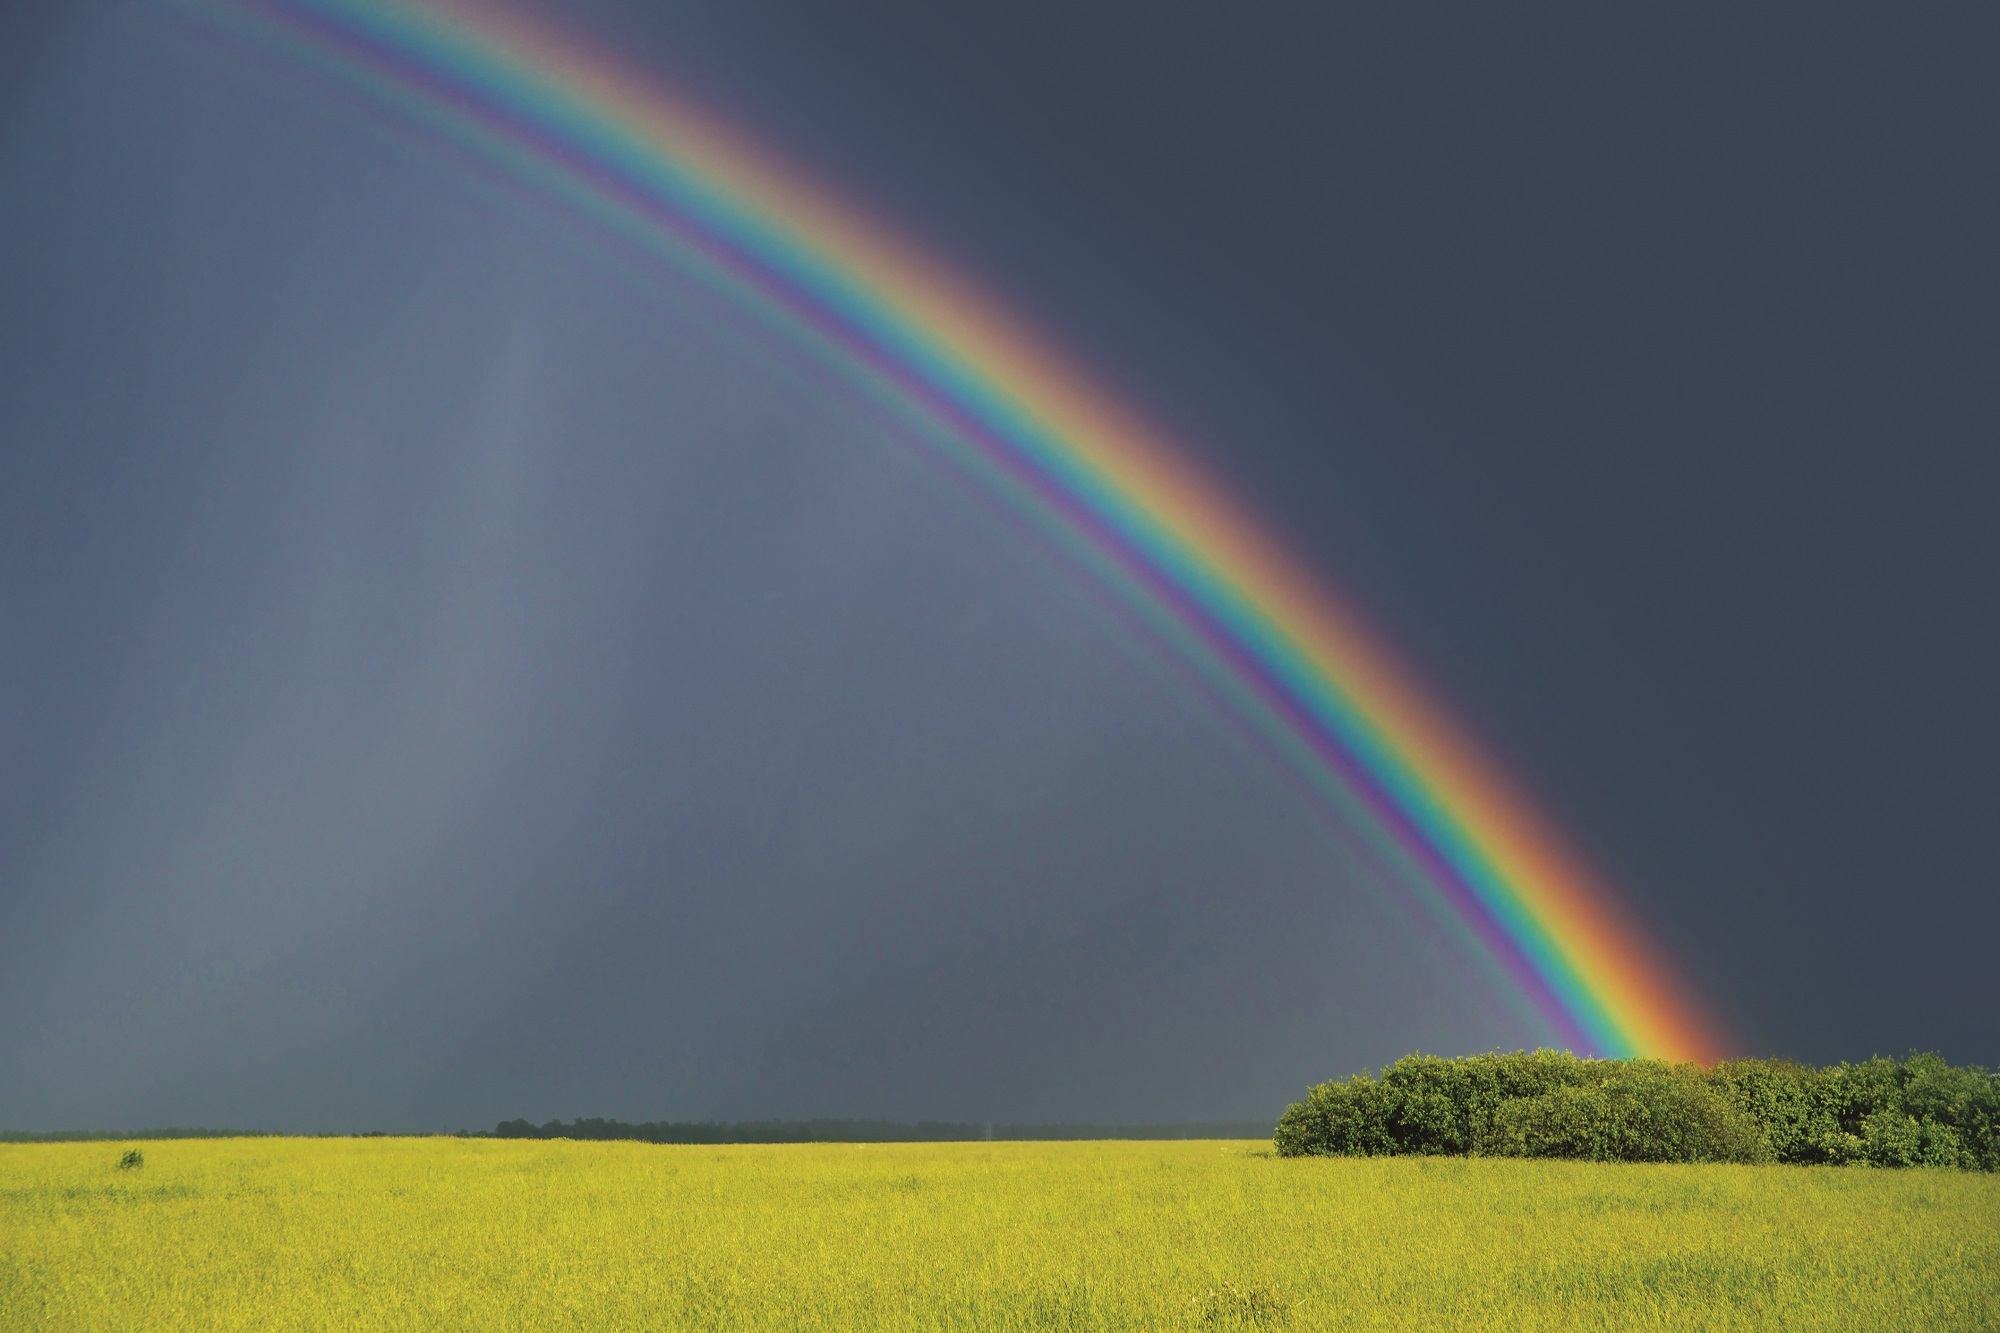 Hình ảnh cầu vồng đẹp trên cánh đồng